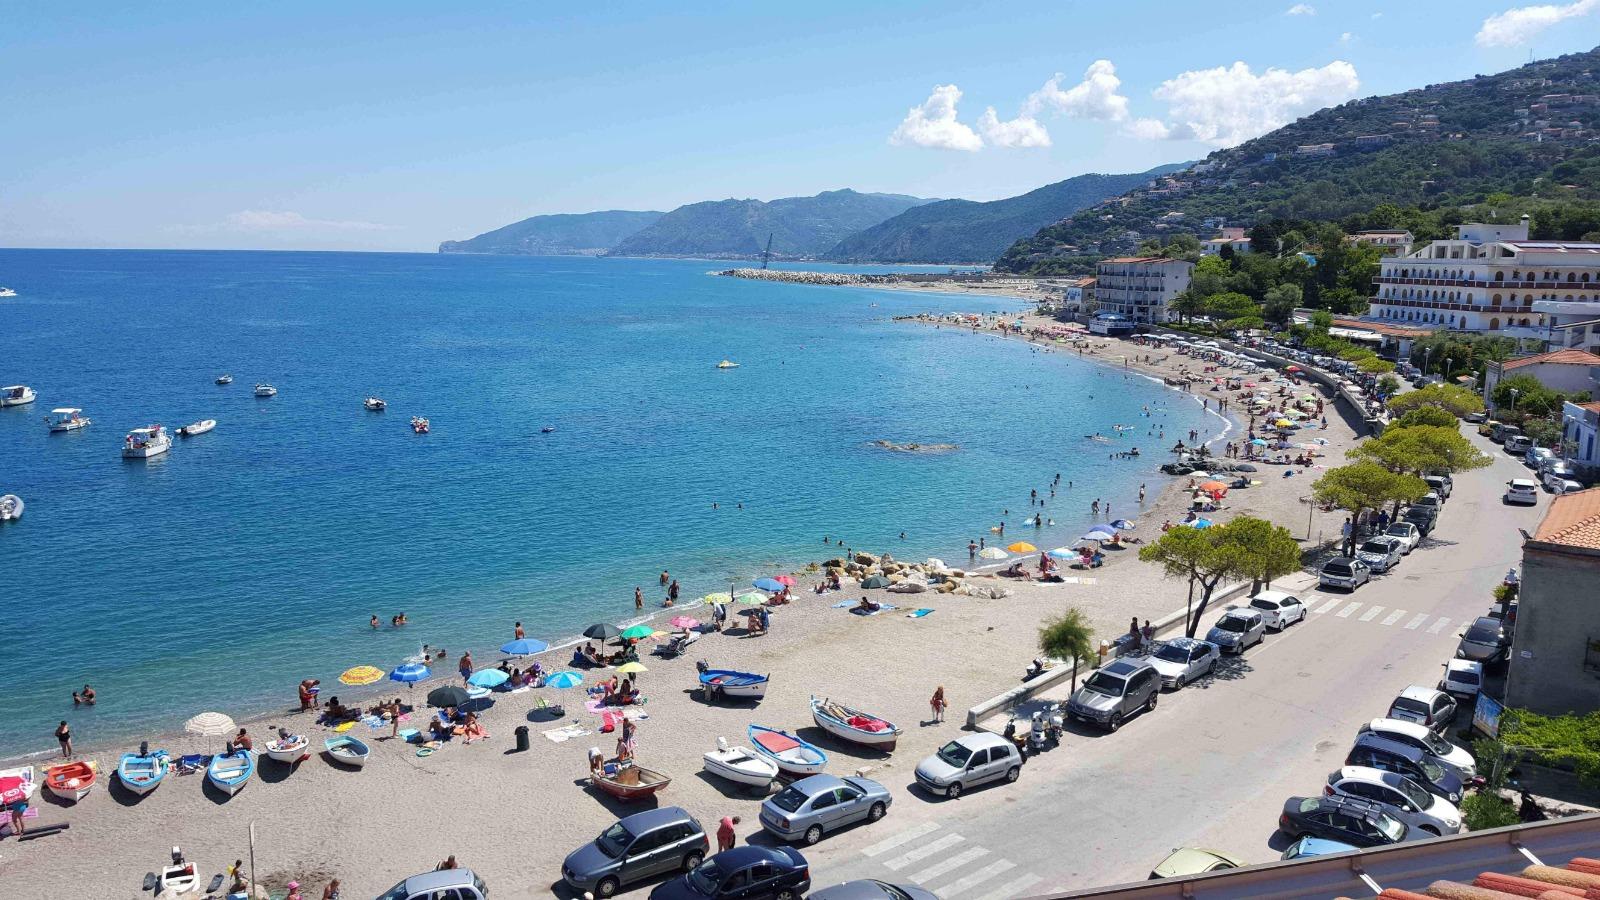 Vacanze estate 2019 in Sicilia: dove andare?